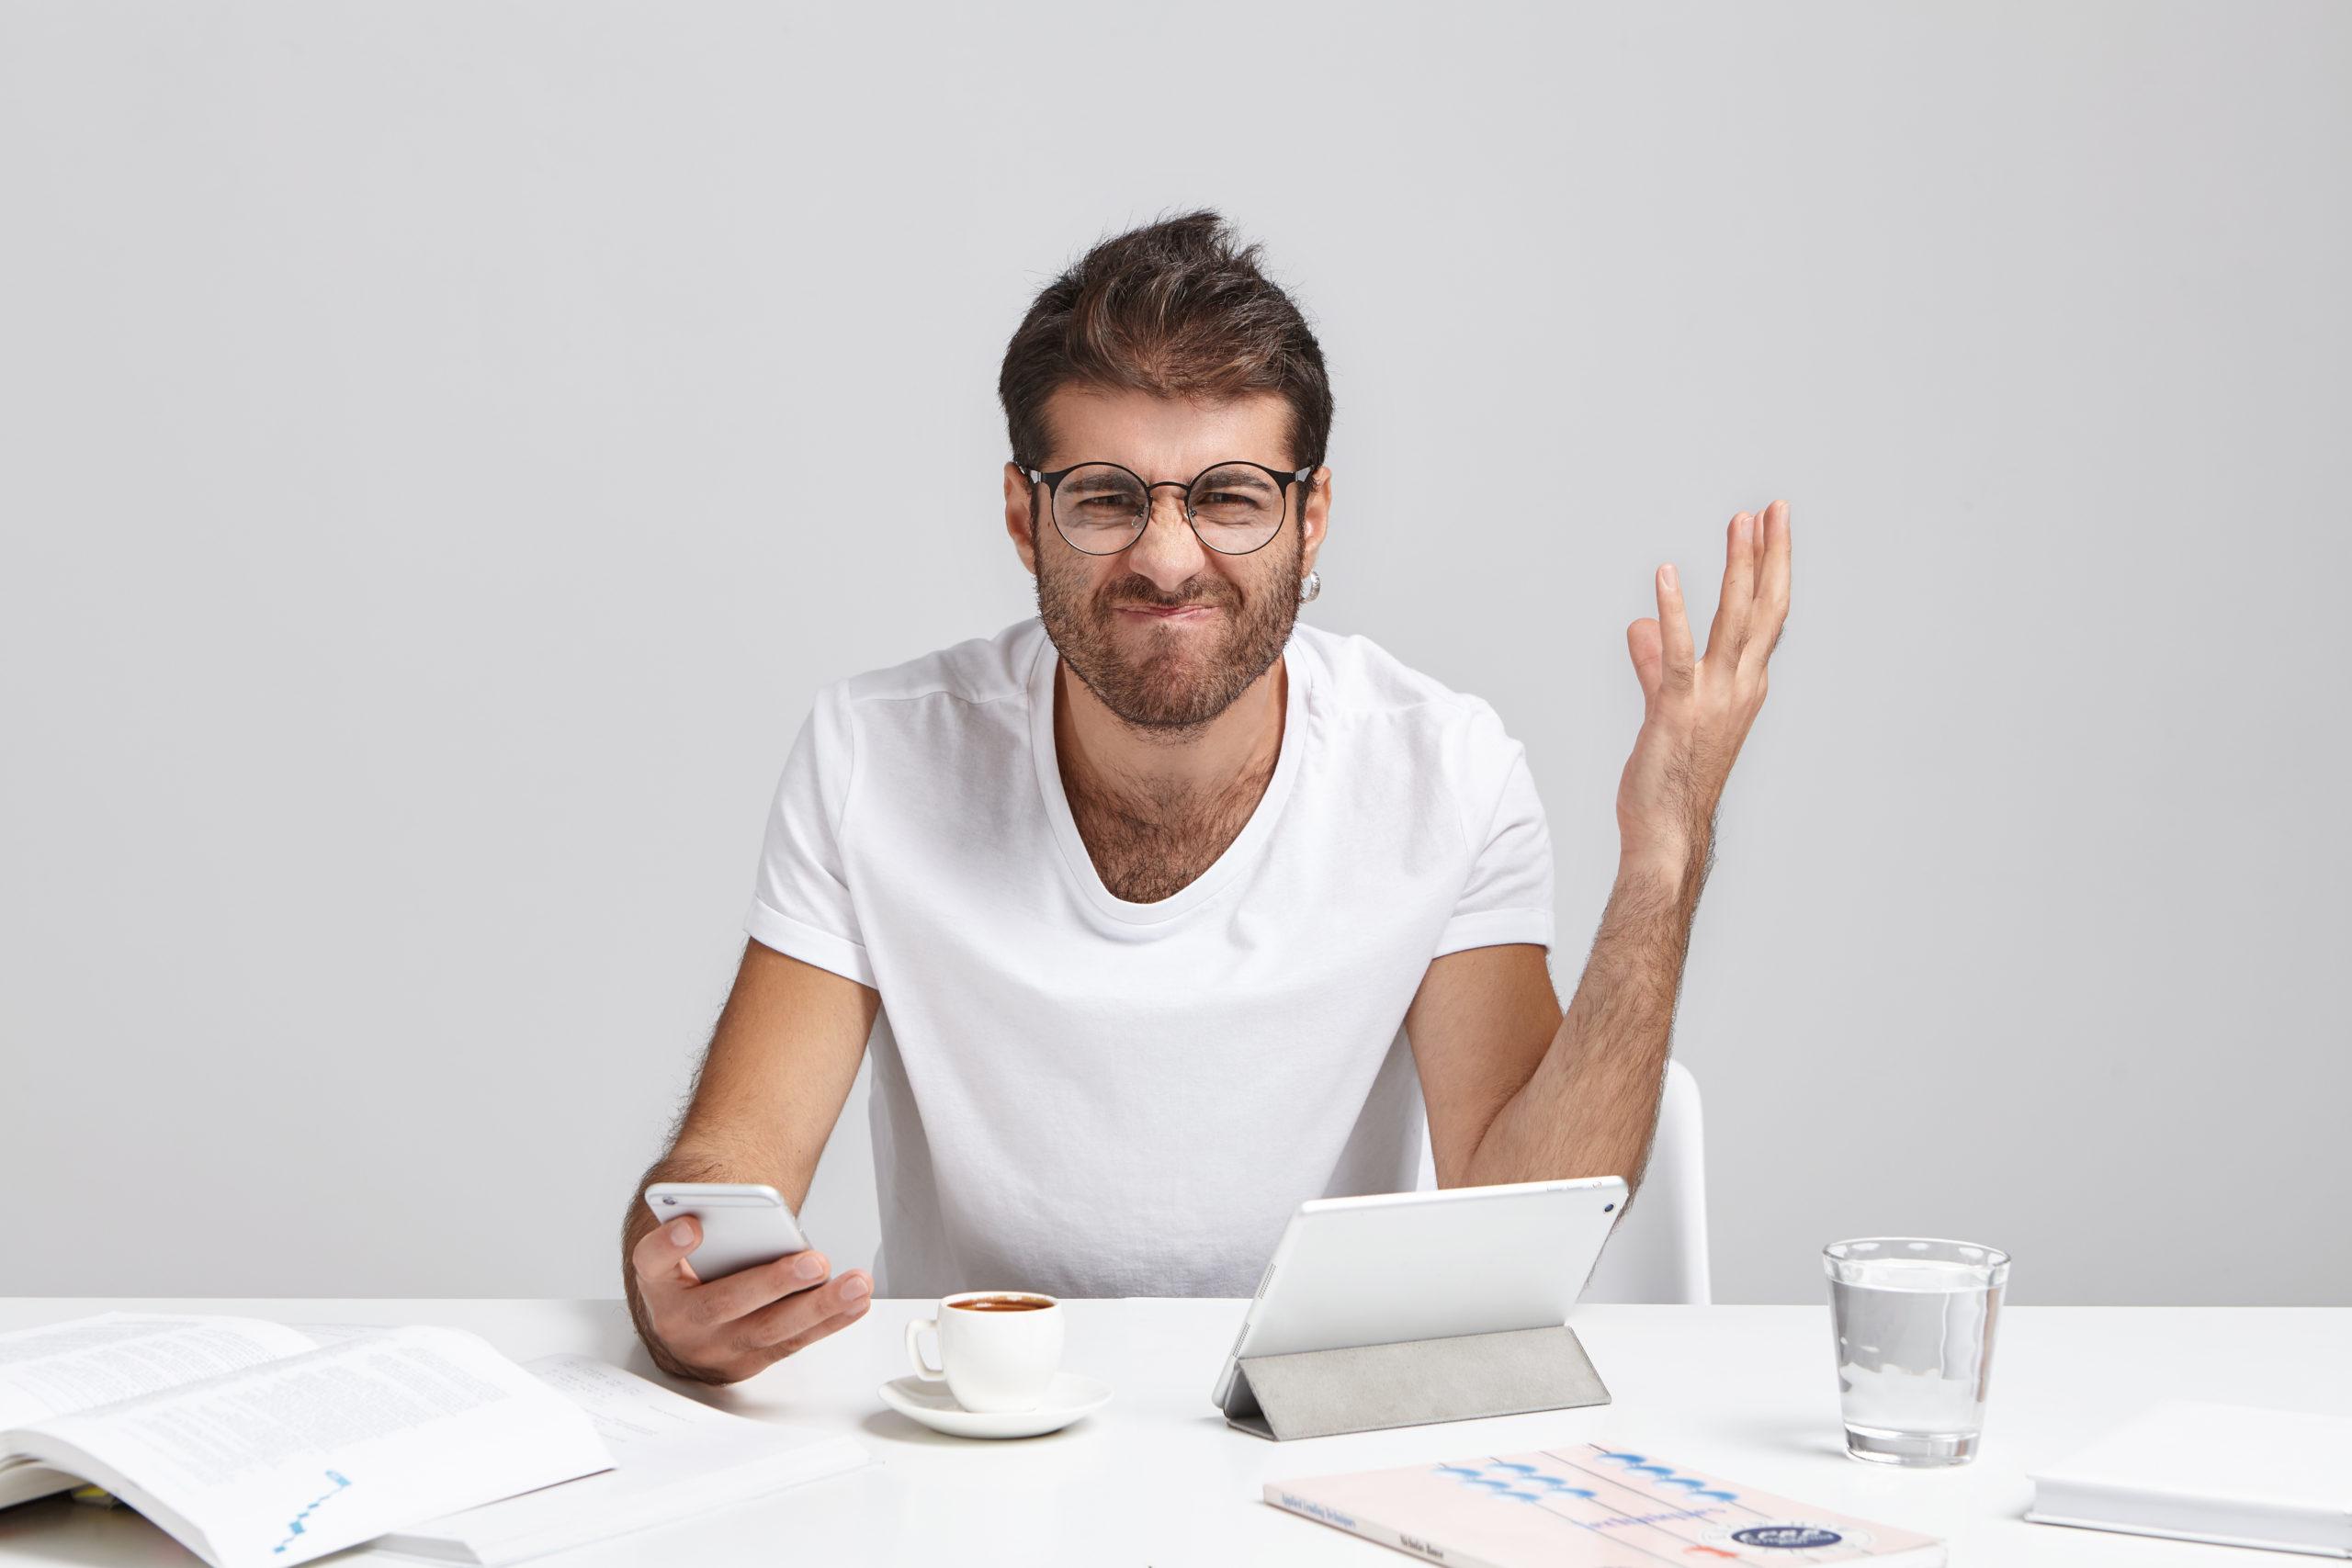 O que fazer com um cliente chato?